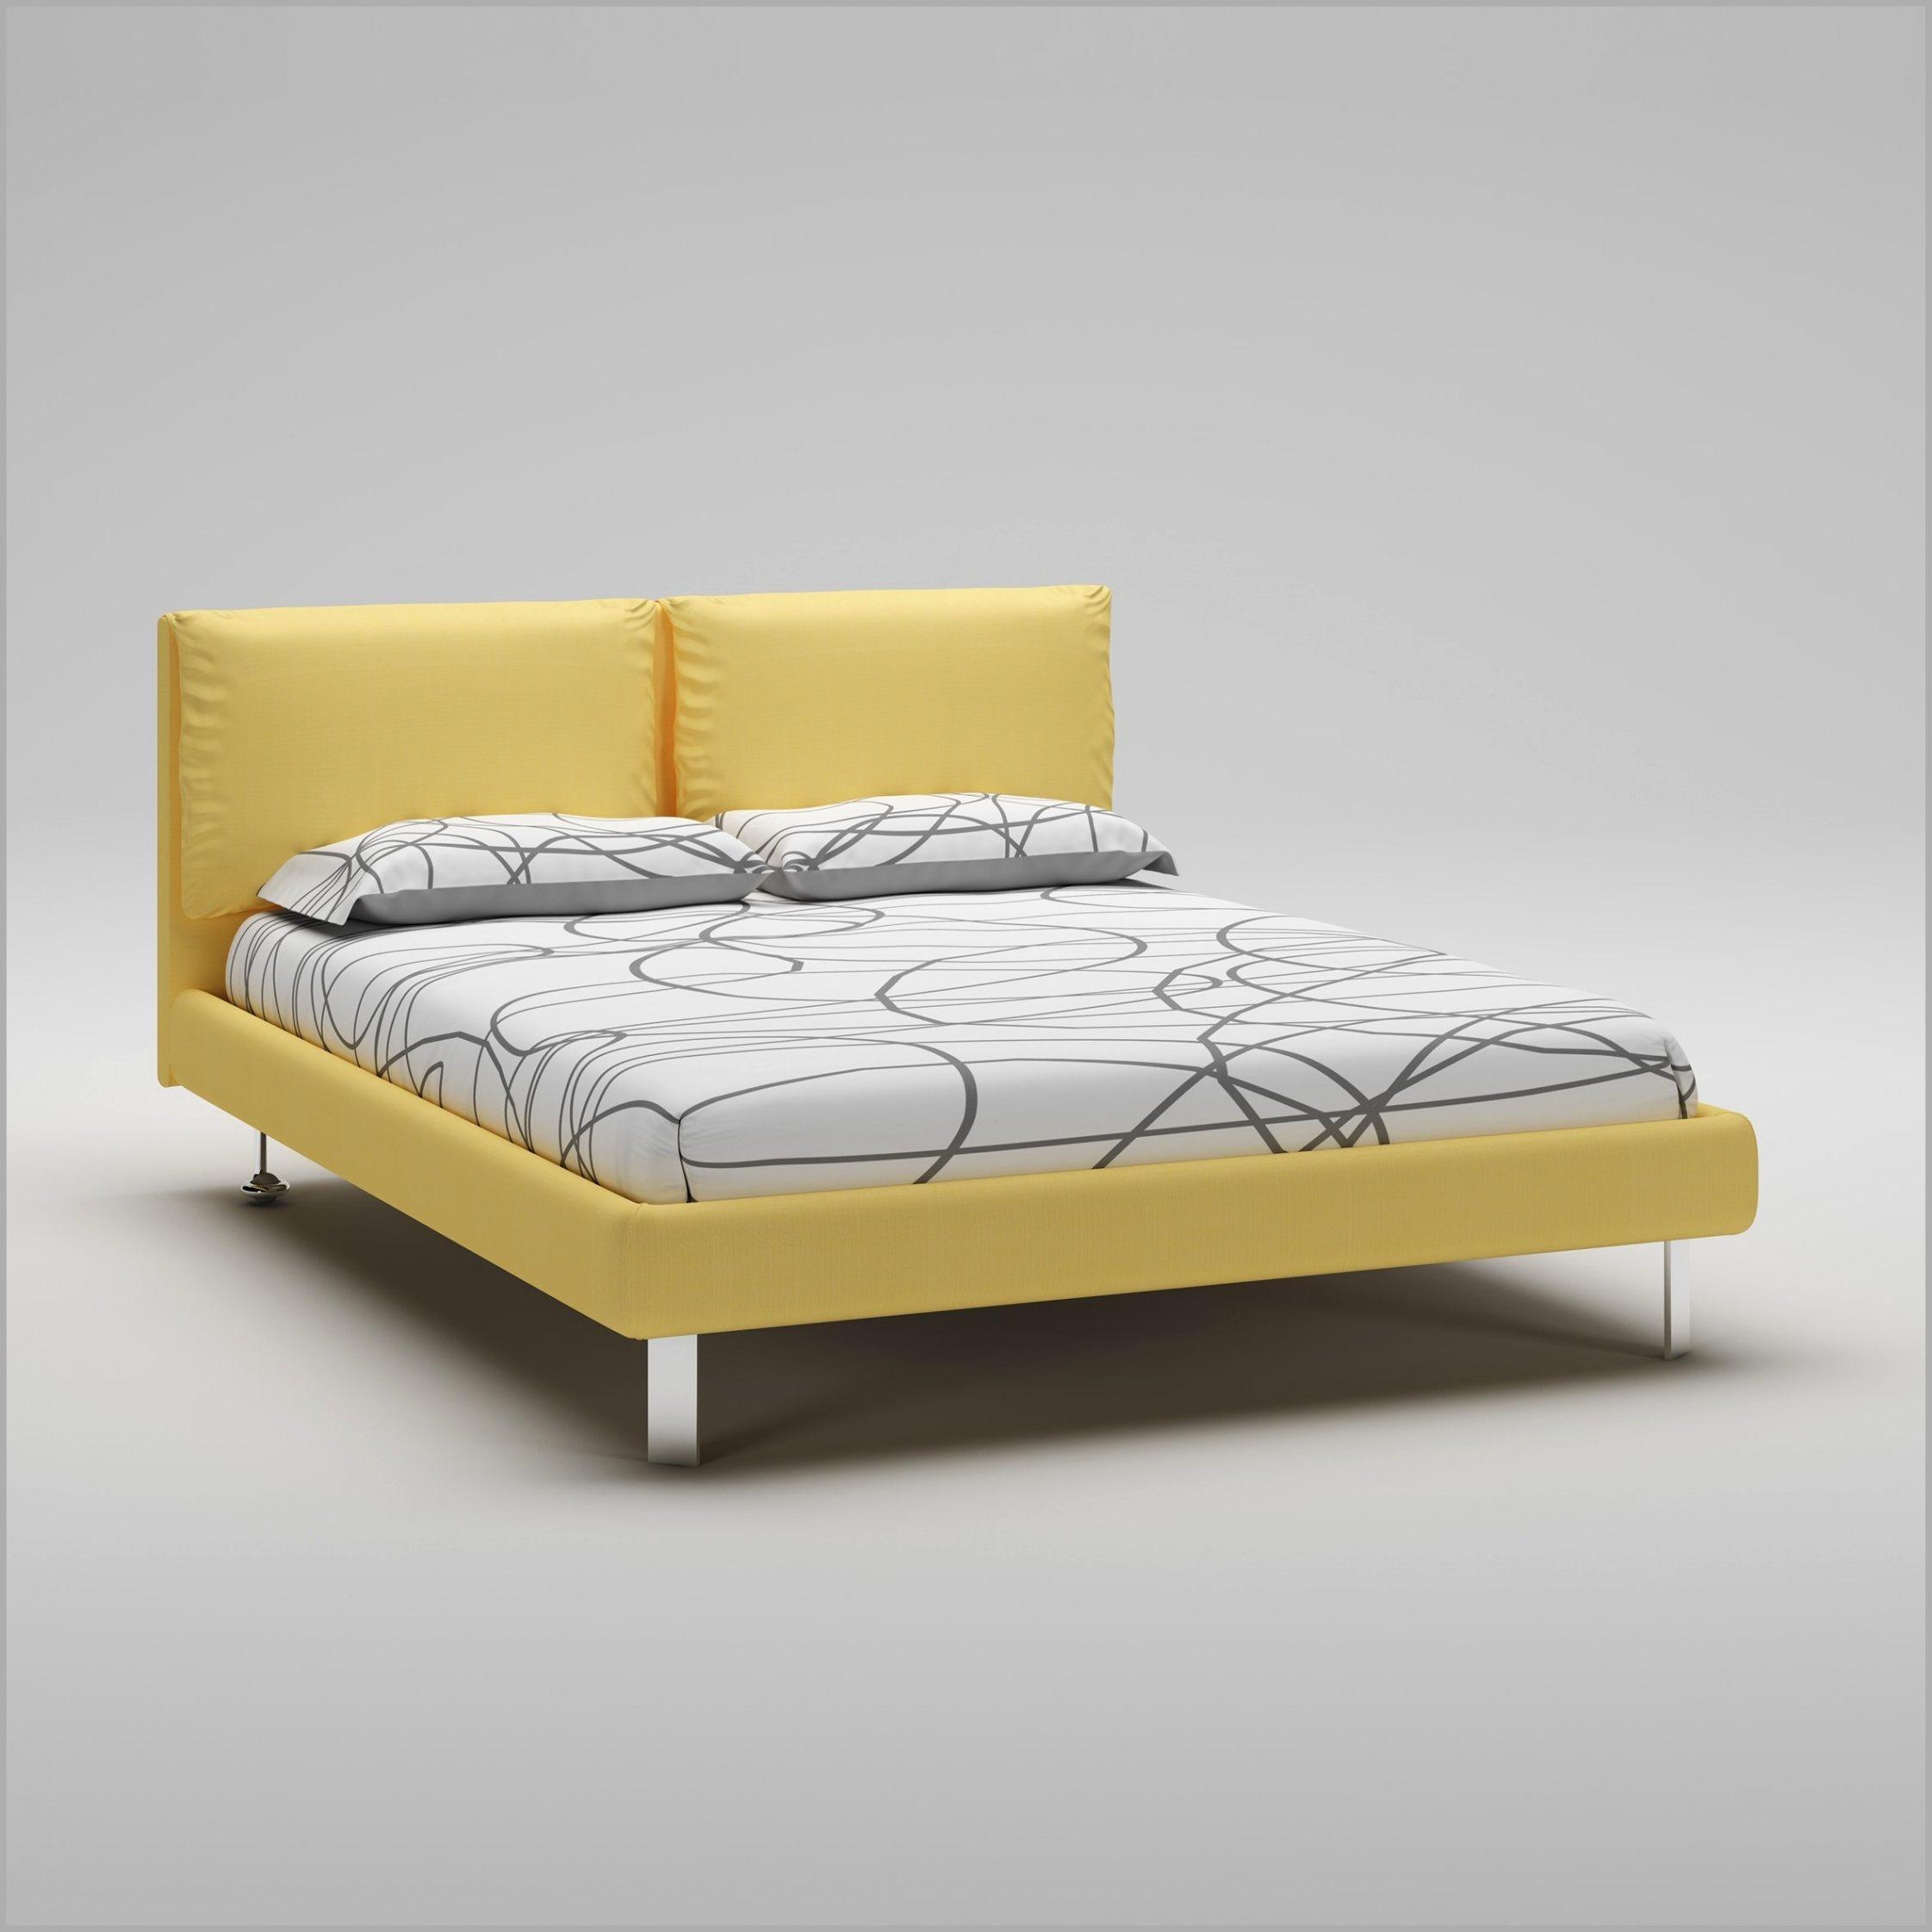 Dimension Couette Pour Lit 160×200 Joli Couette Pour Lit 160—200 Ikea Beau sove Lit De 160 X 200 — sovedis